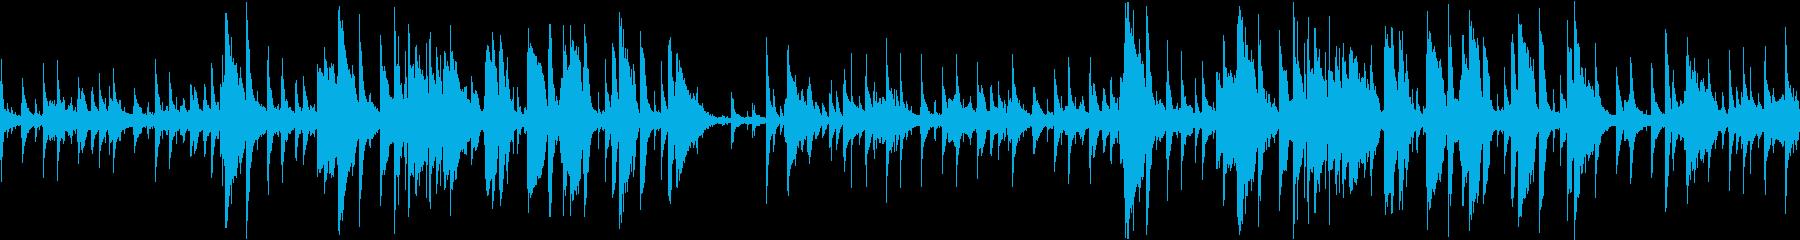 ベースレスのお洒落なジャズ ループ可の再生済みの波形